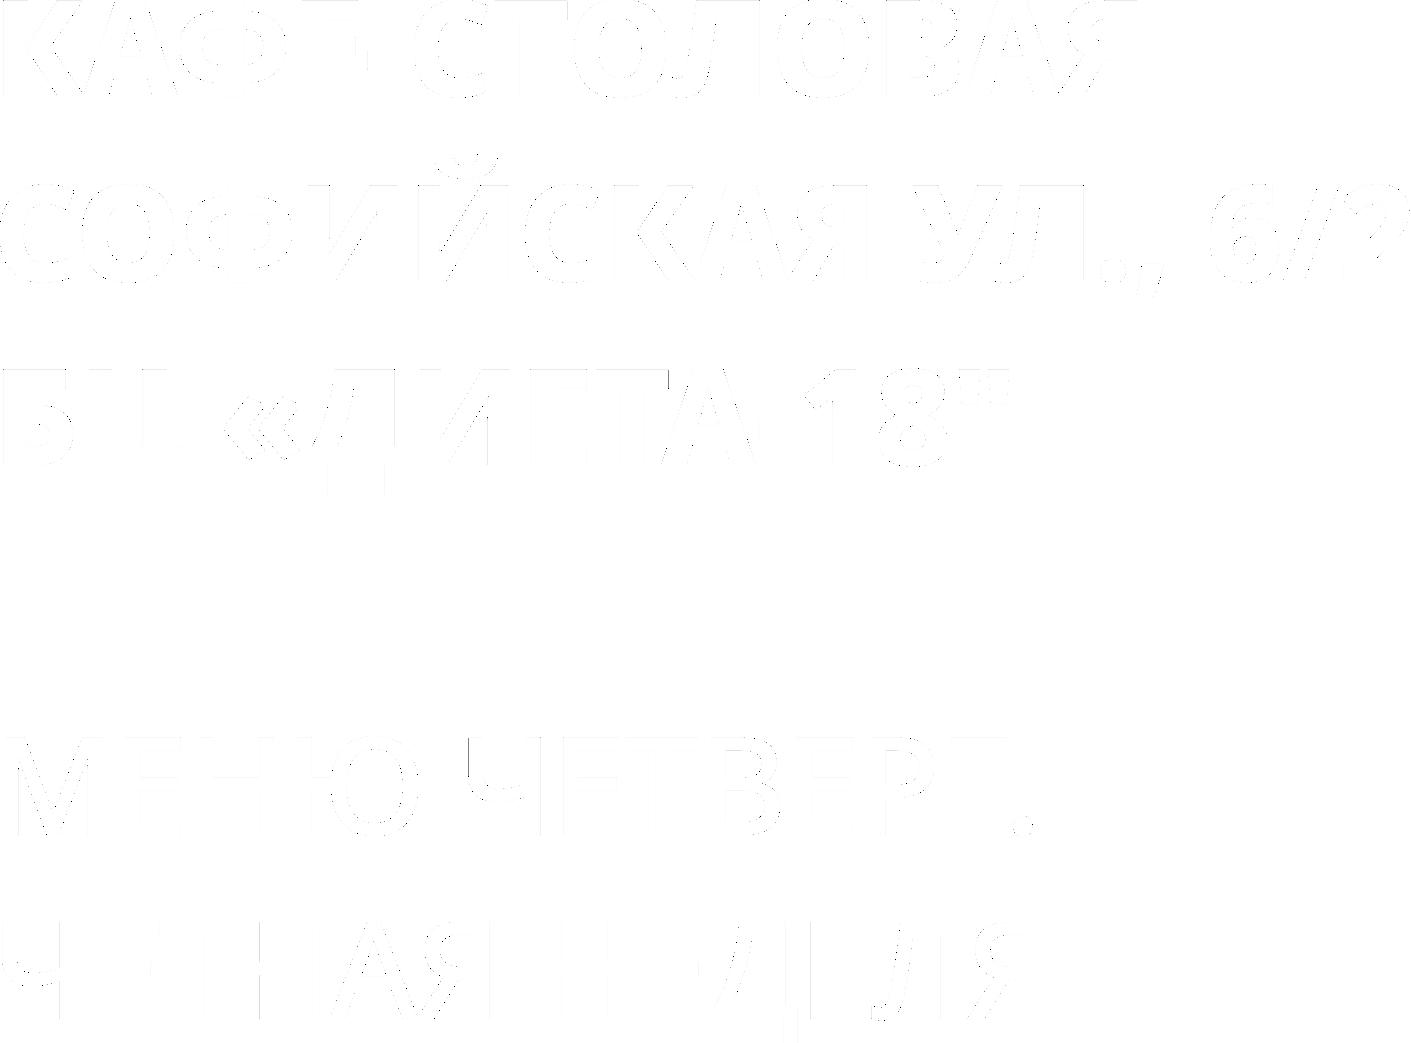 """КАФЕ-СТОЛОВАЯ СОФИЙСКАЯ УЛ., 6/2 БЦ """"ДИЕТА-18"""" МЕНЮ ЧЕТВЕРГ. ЧЕТНАЯ НЕДЕЛЯ"""